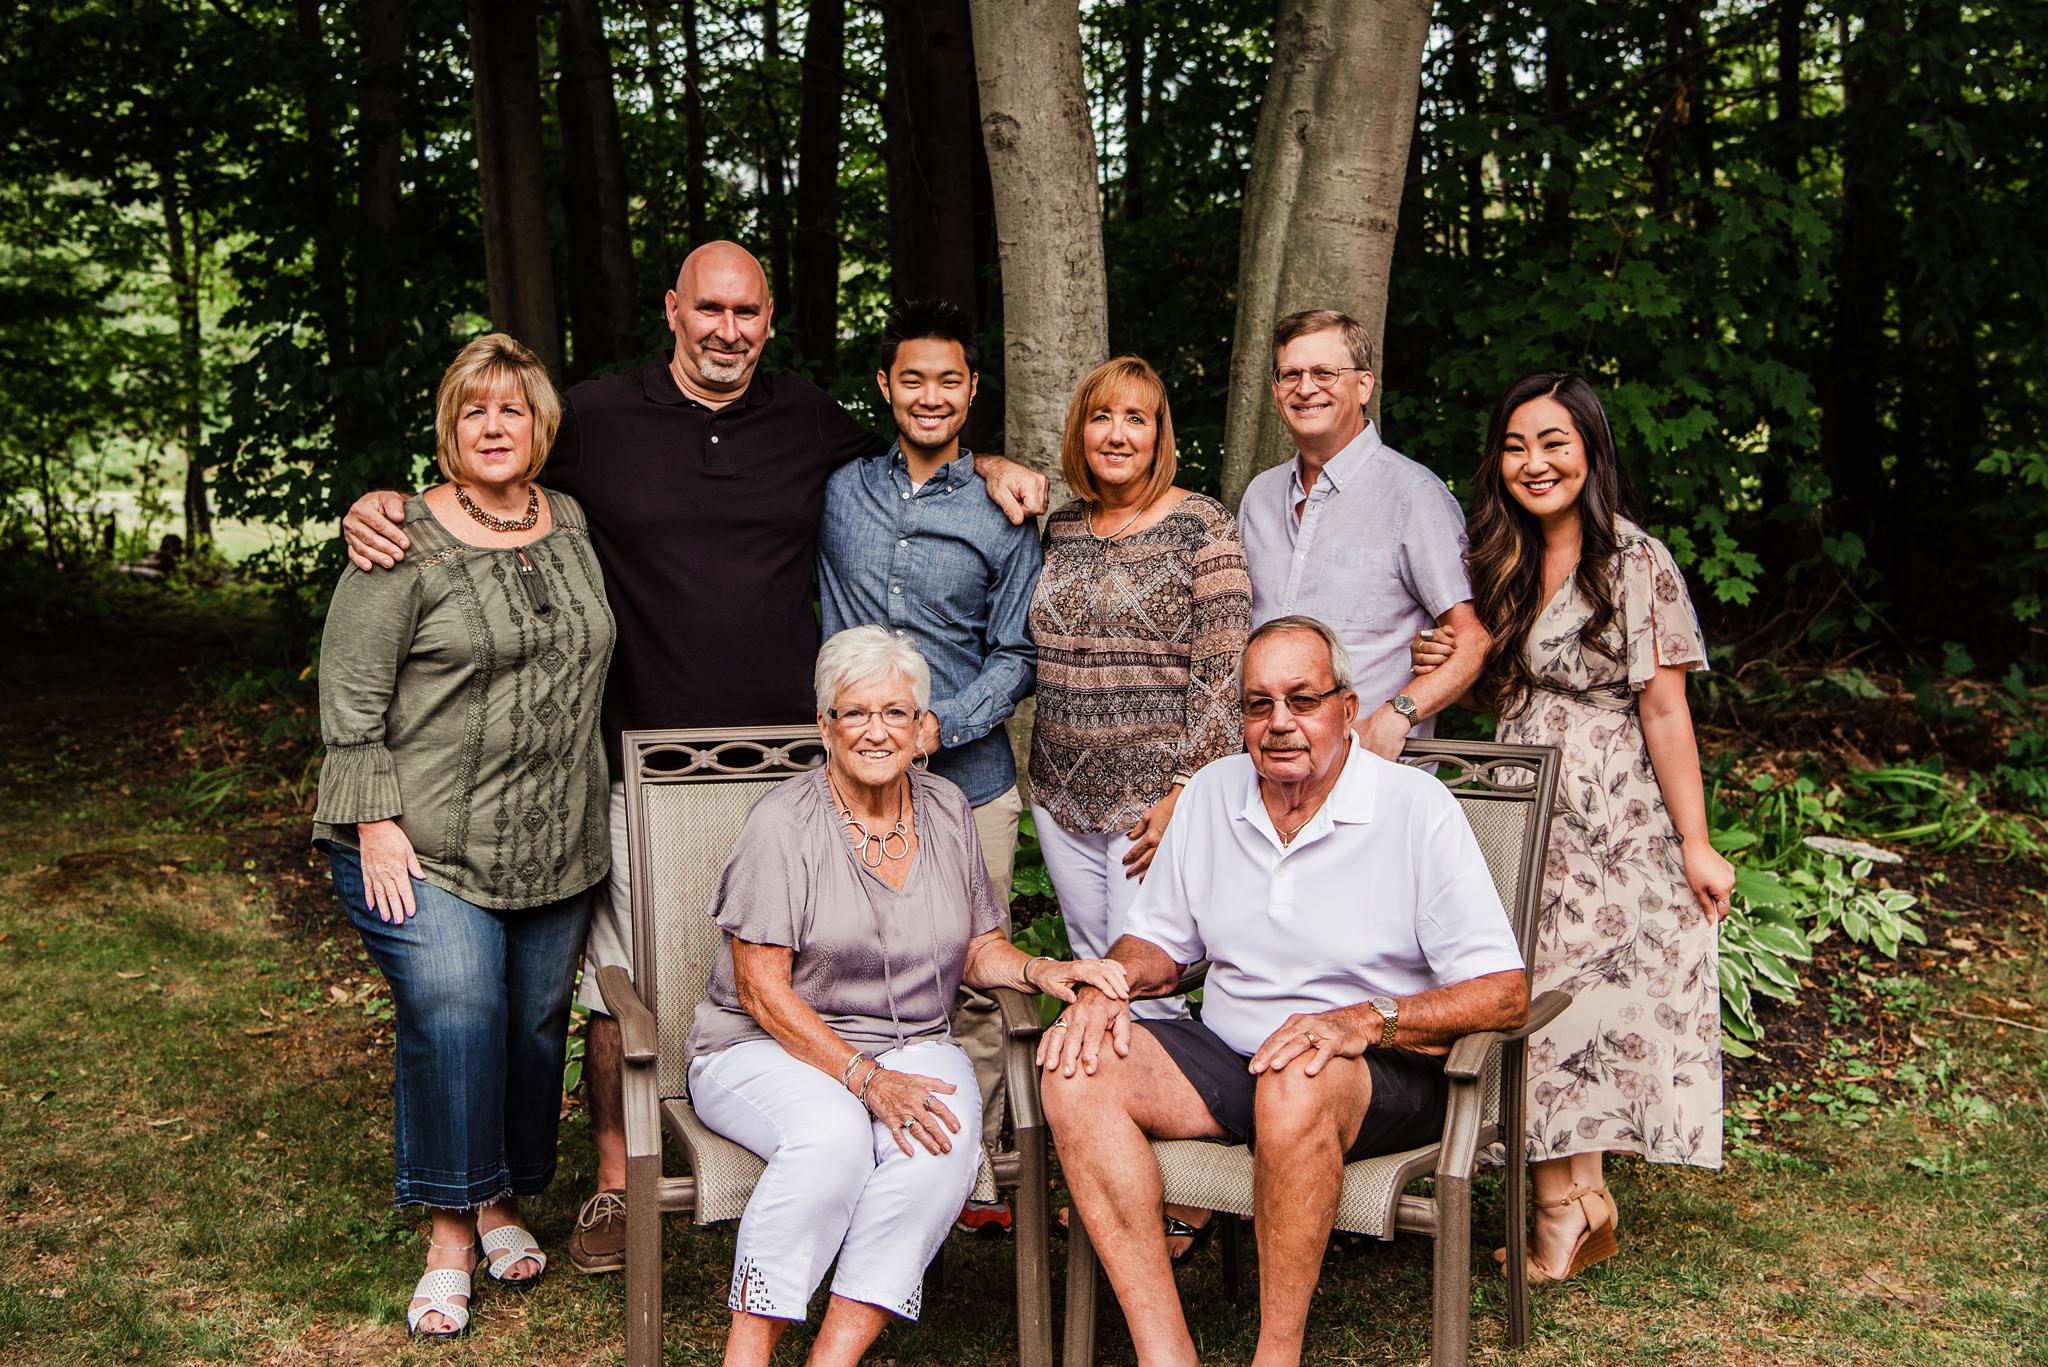 Our_Family_2019_Rochester_Family_Session_JILL_STUDIO_Rochester_NY_Photographer_DSC_5154.jpg